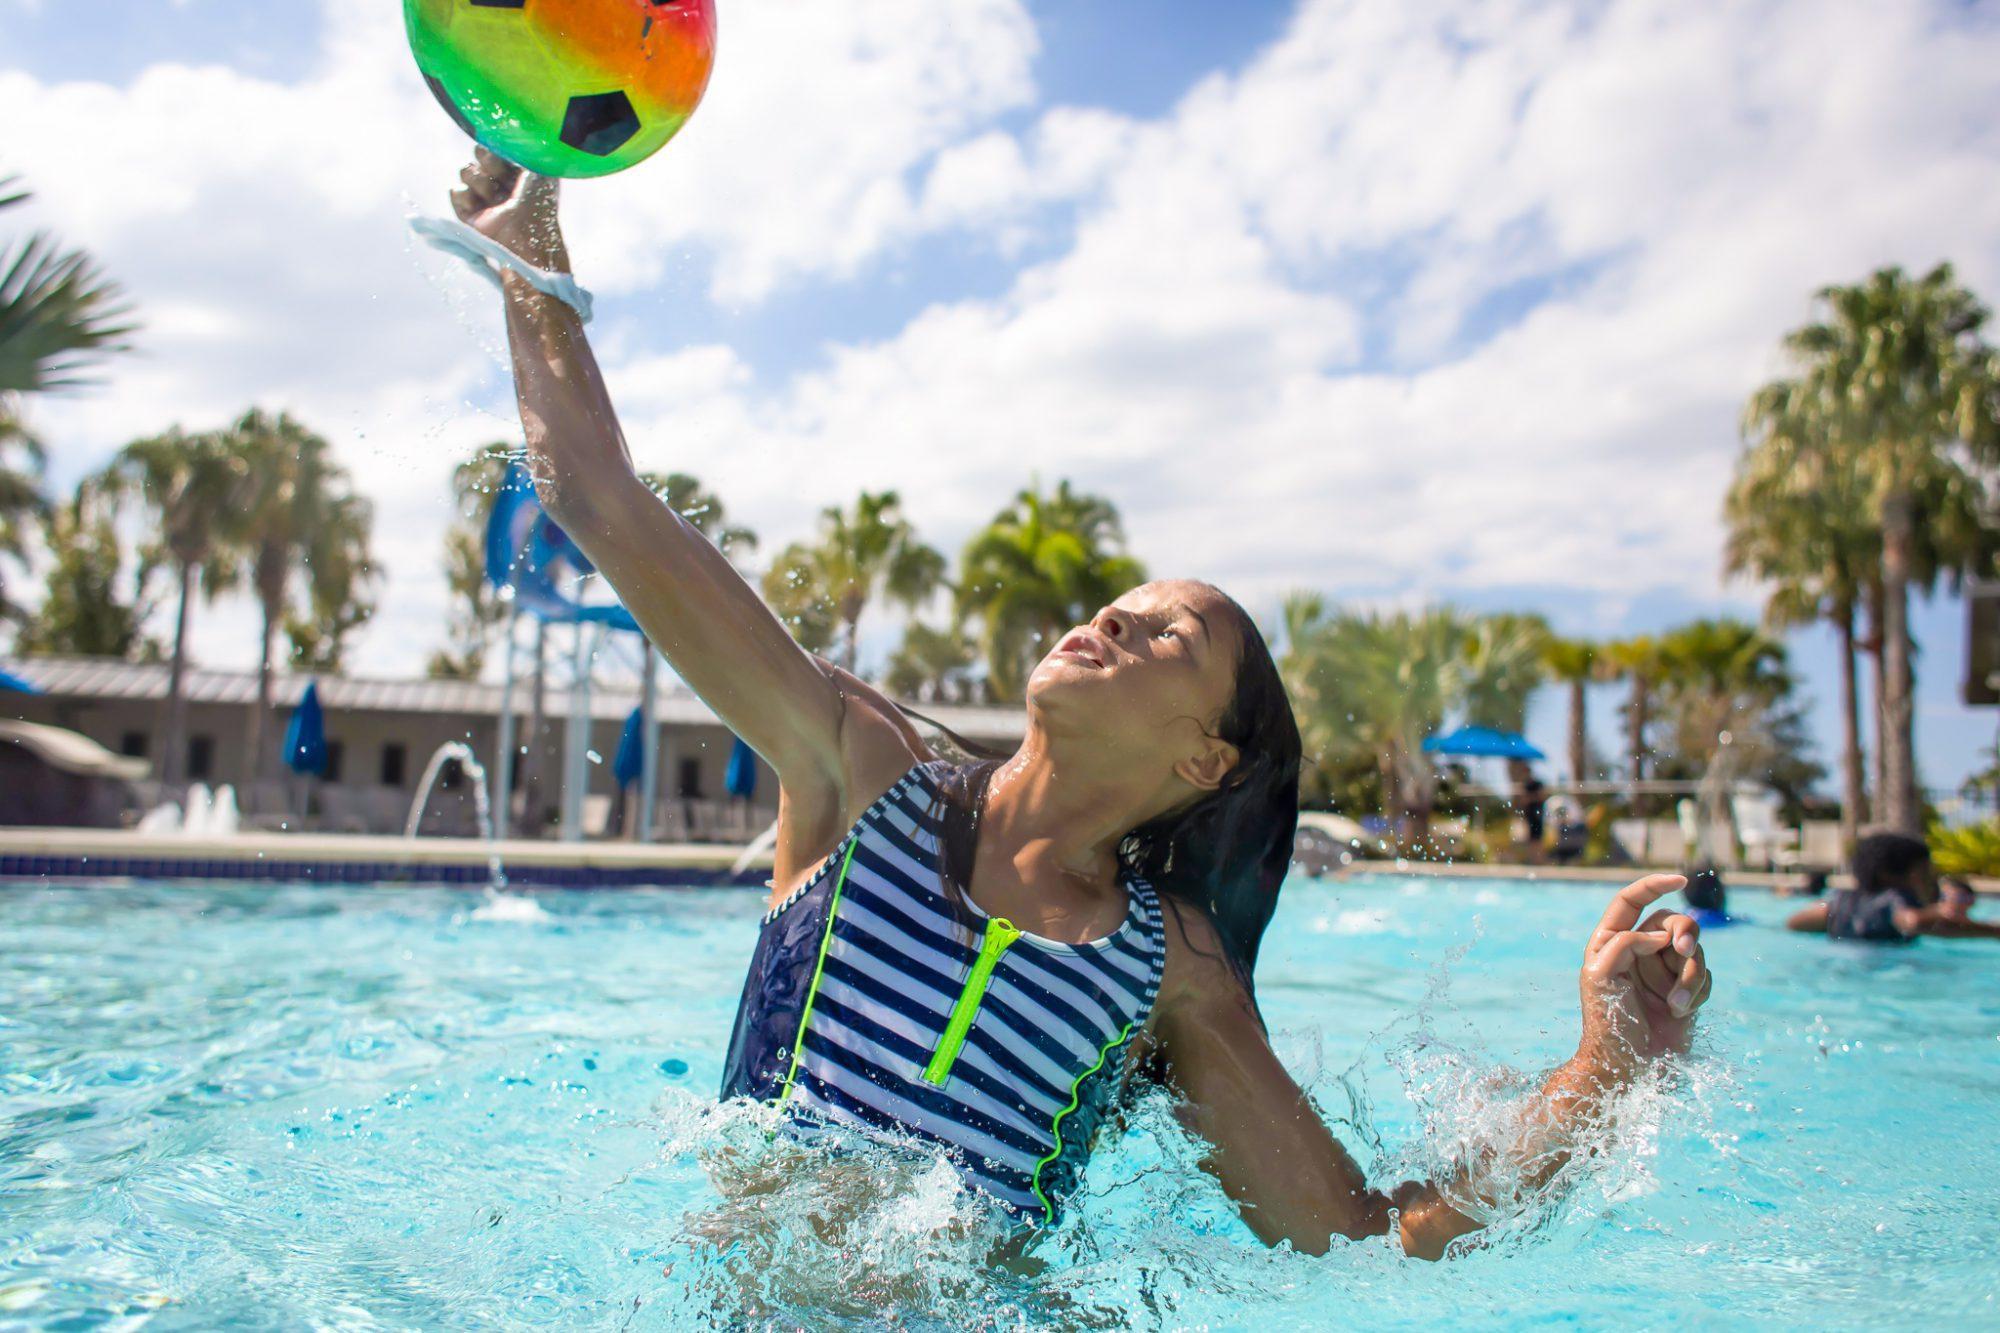 Laureate Park Aquatic Center 2